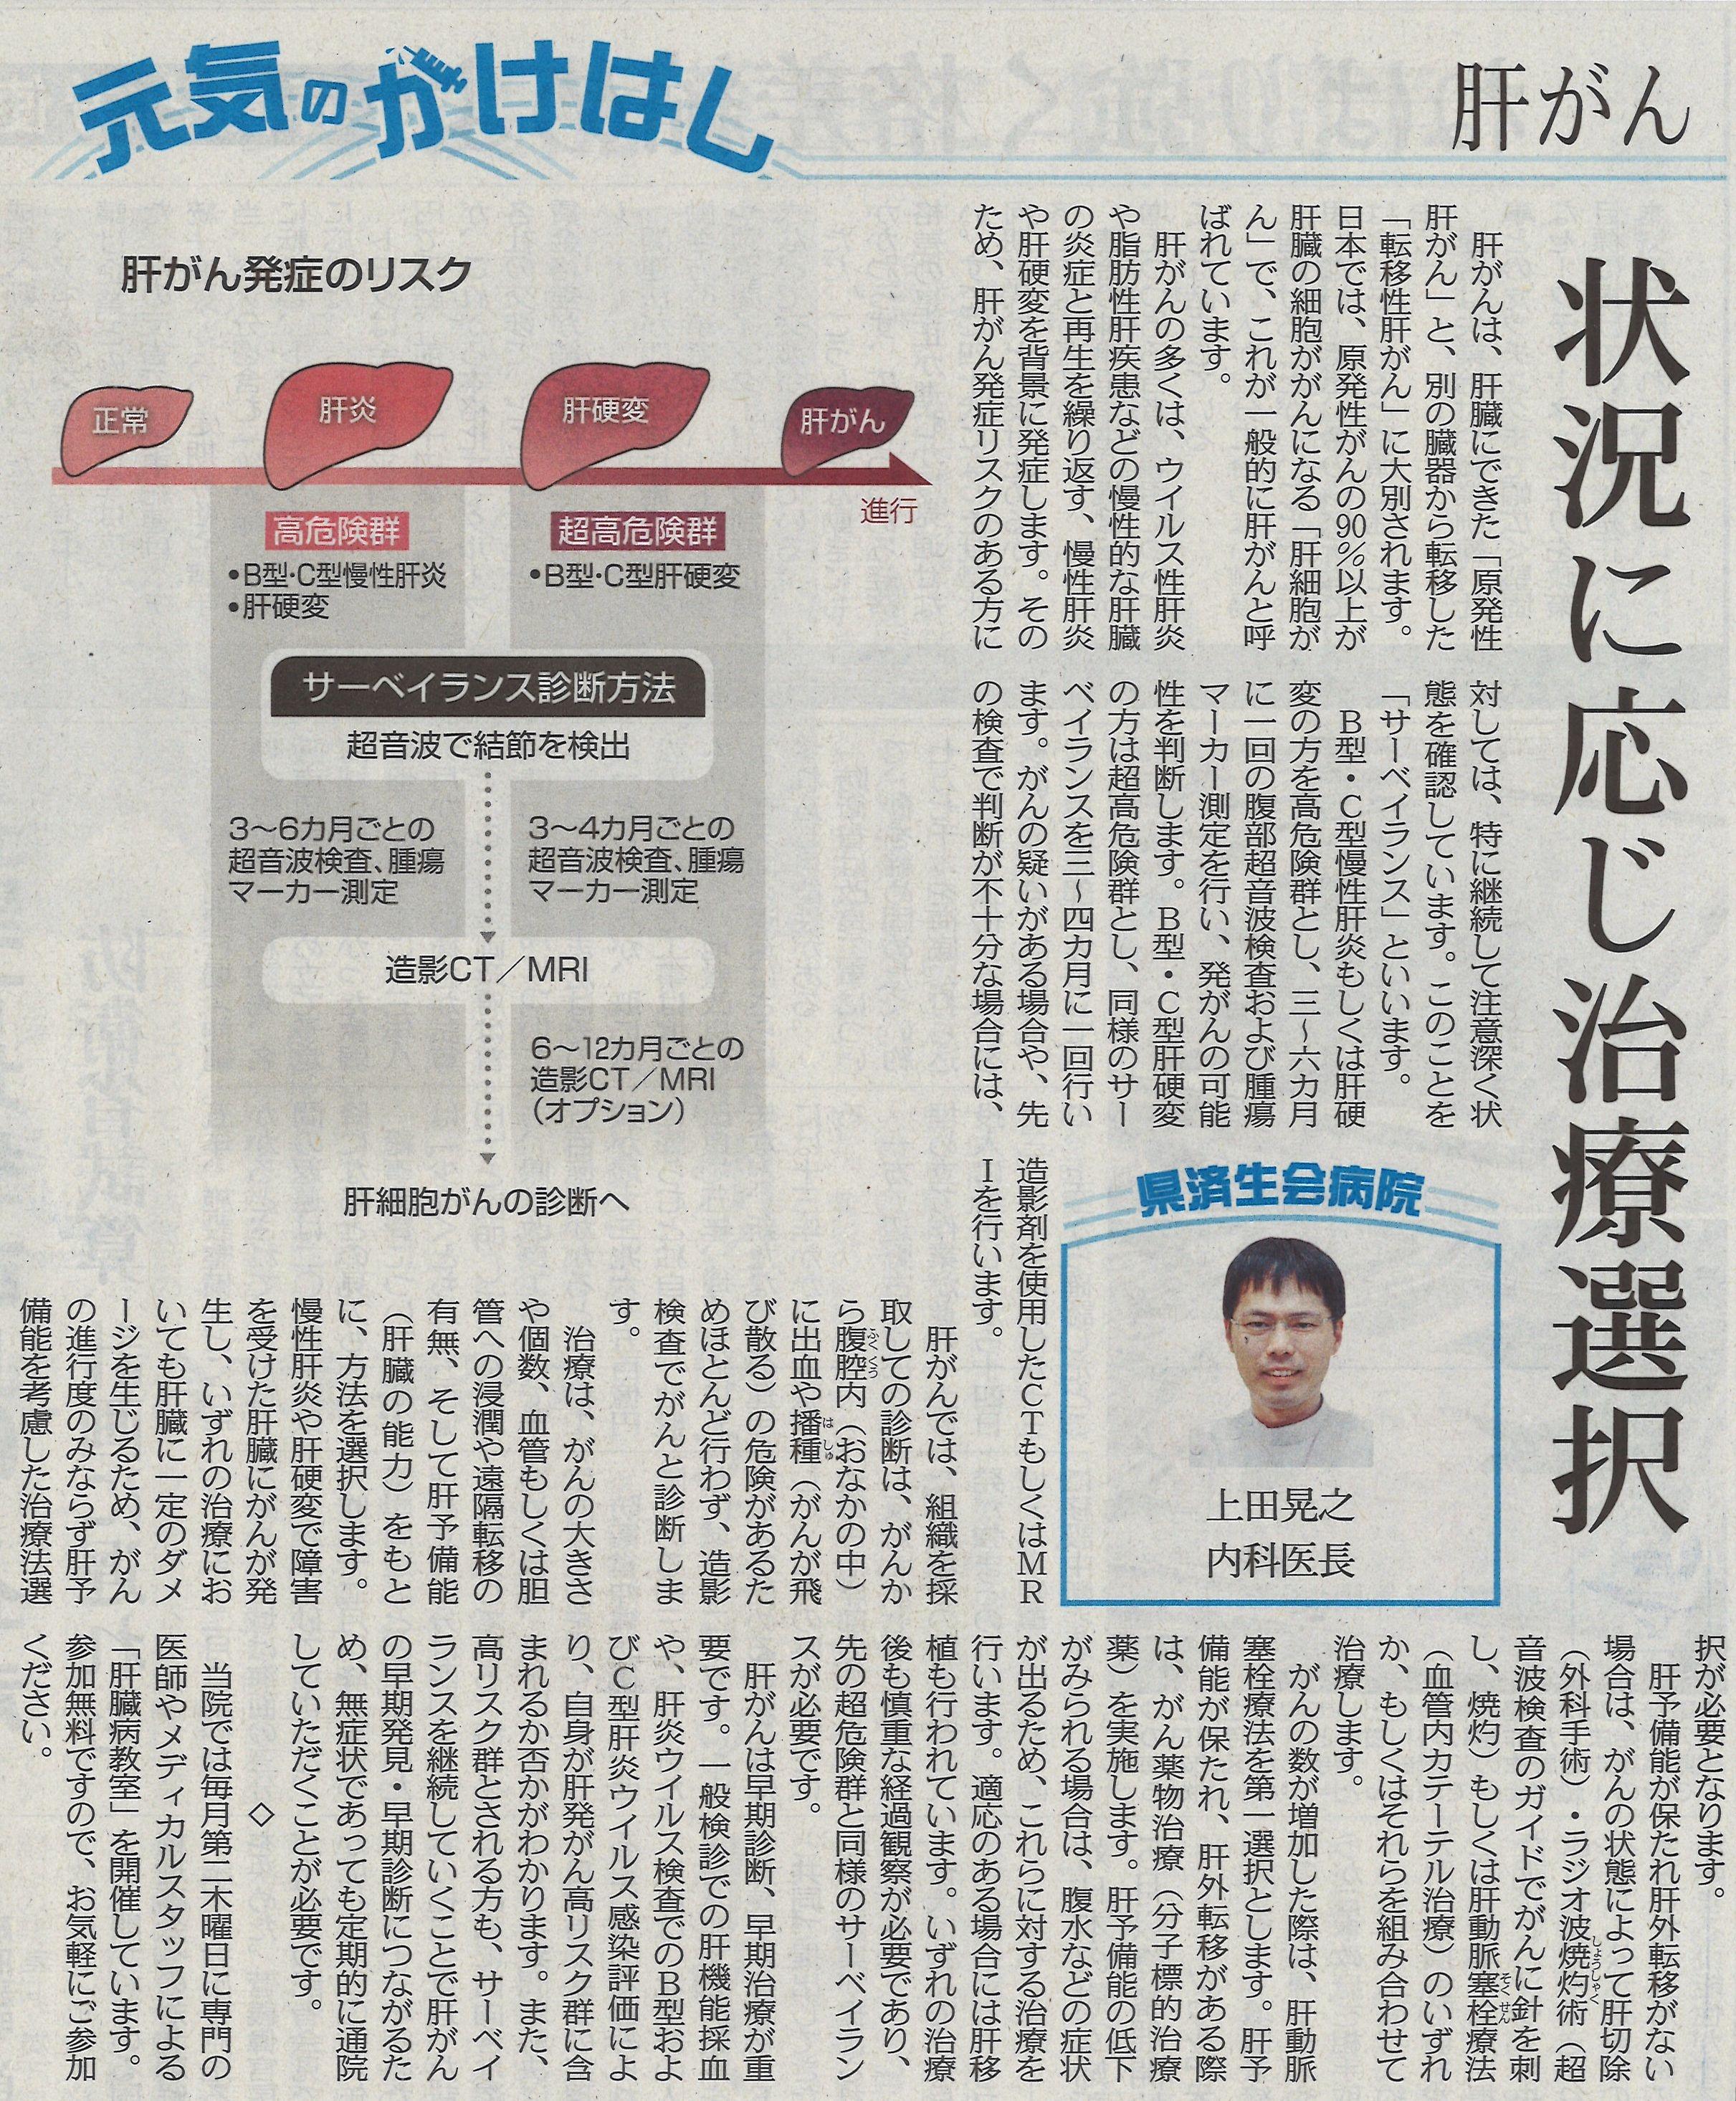 2019年3月14日 日刊県民福井